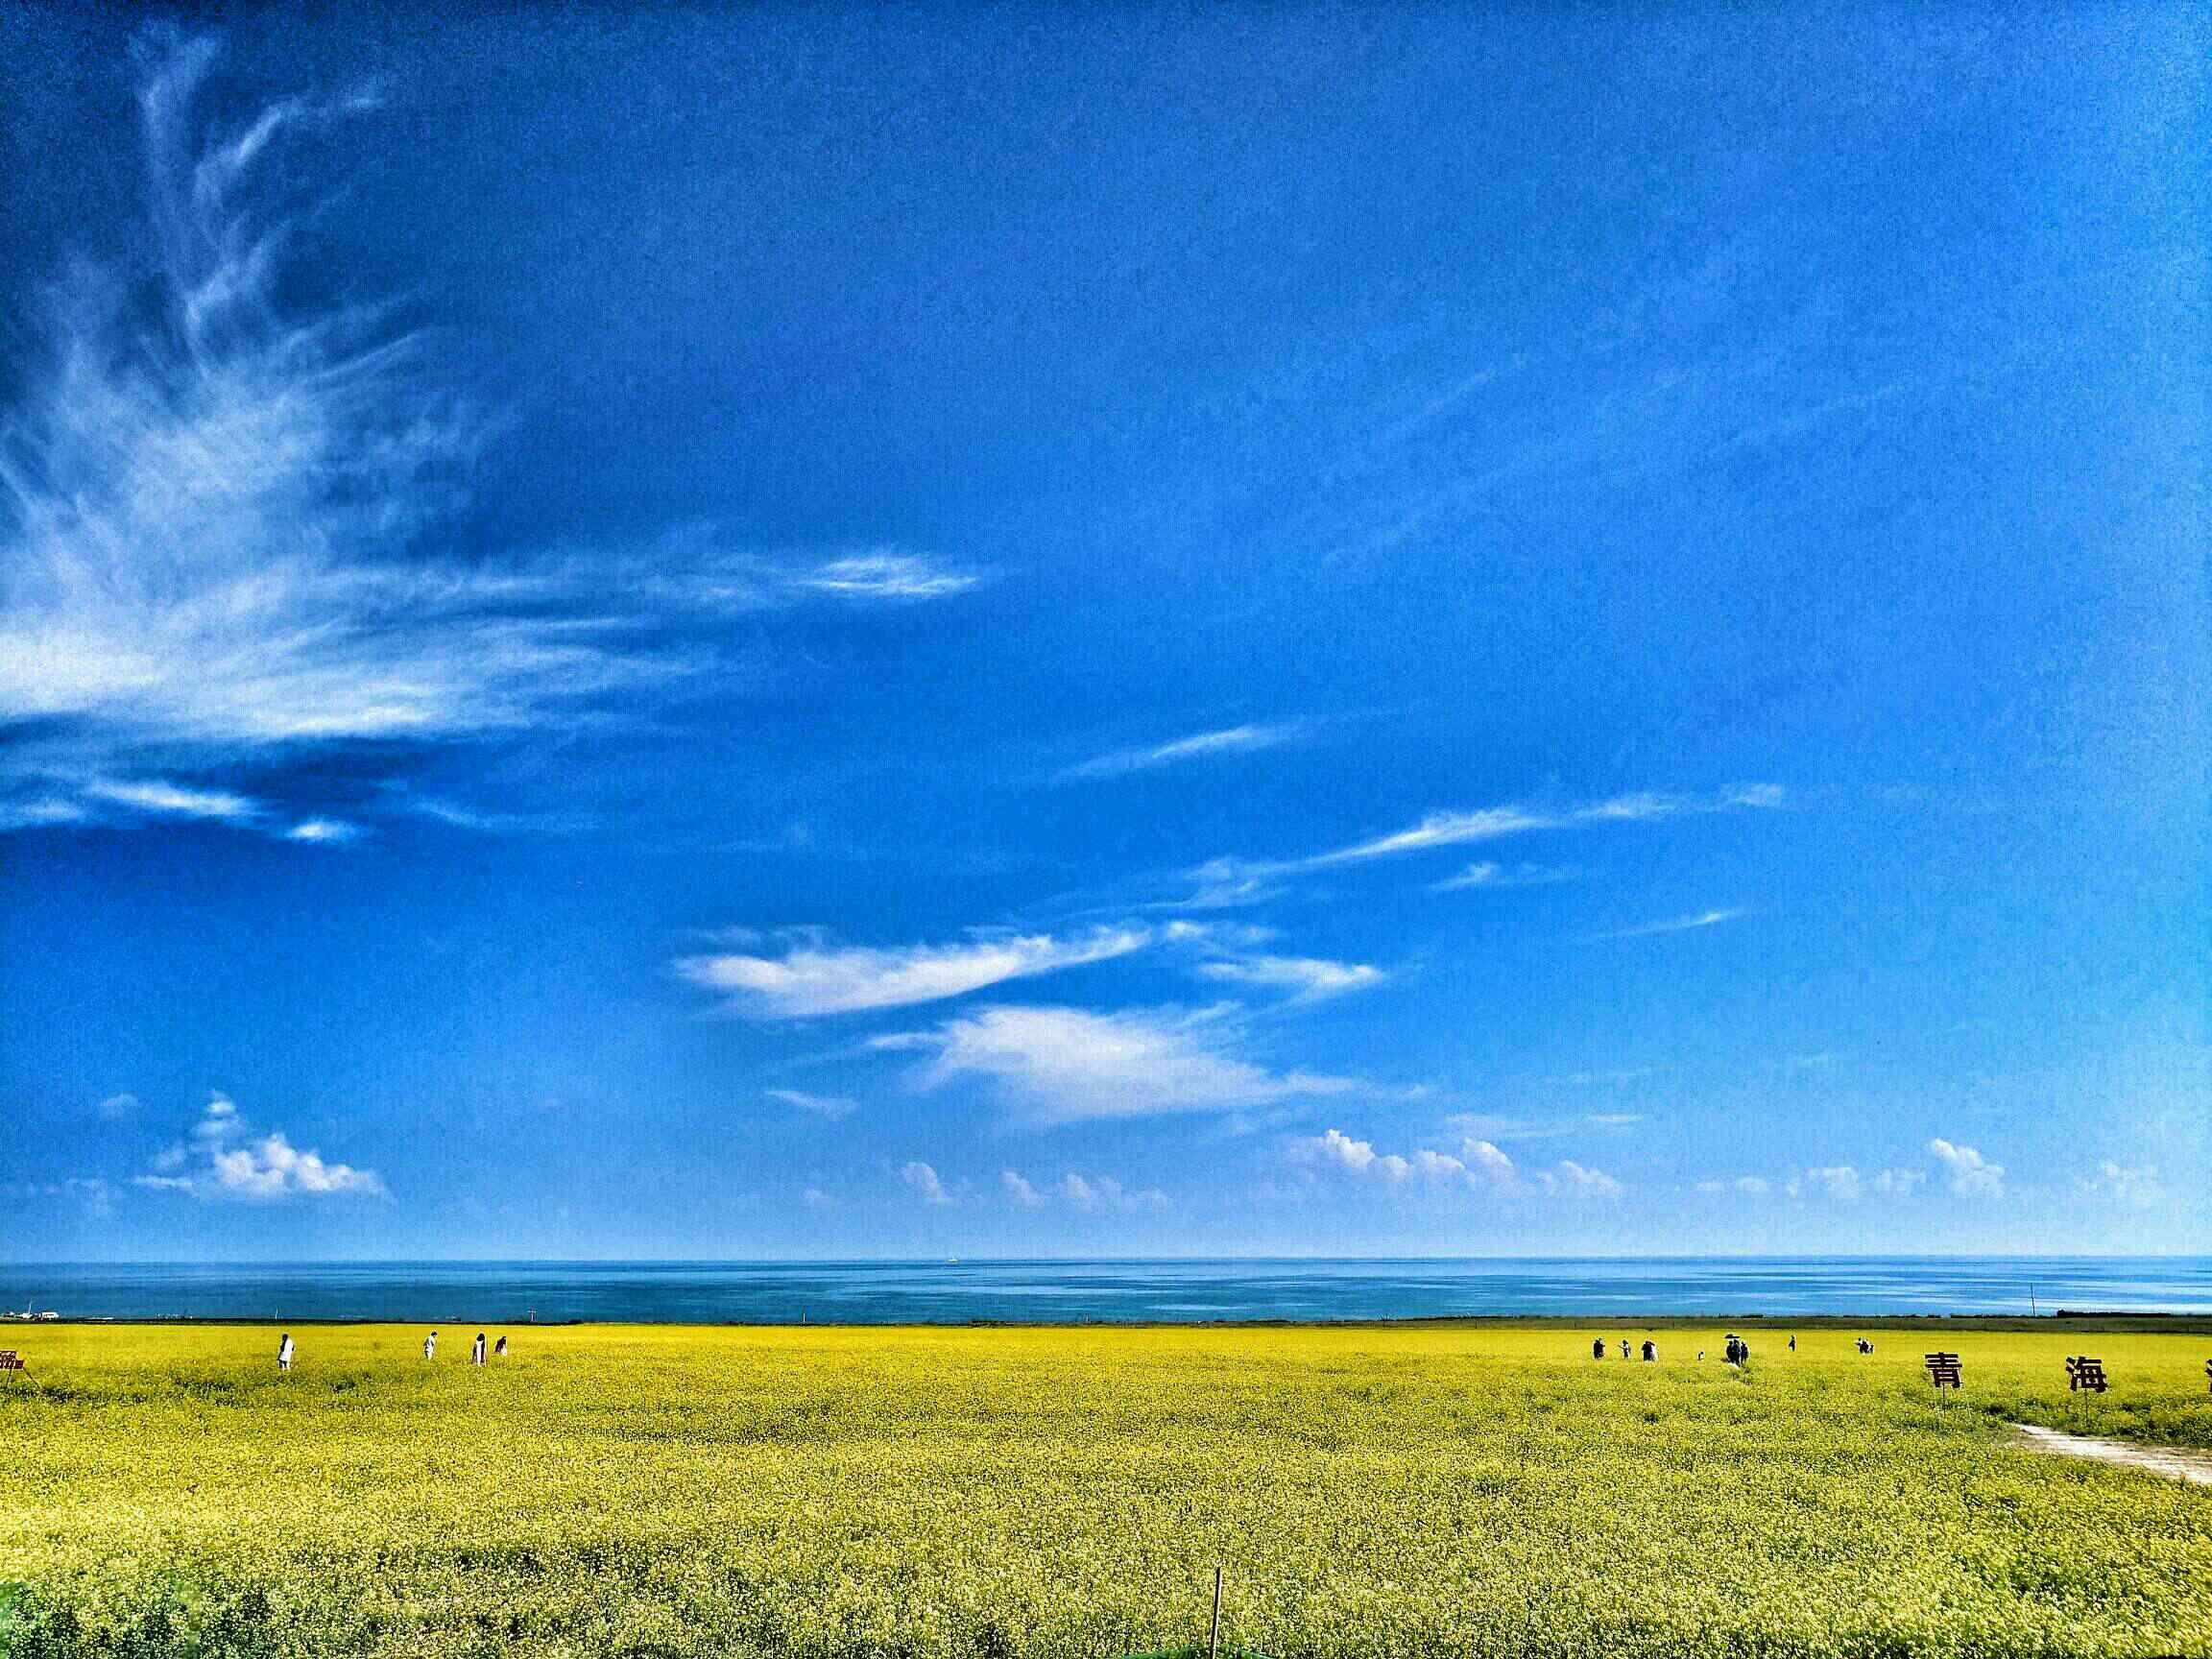 【x7plus】青海湖的夏天